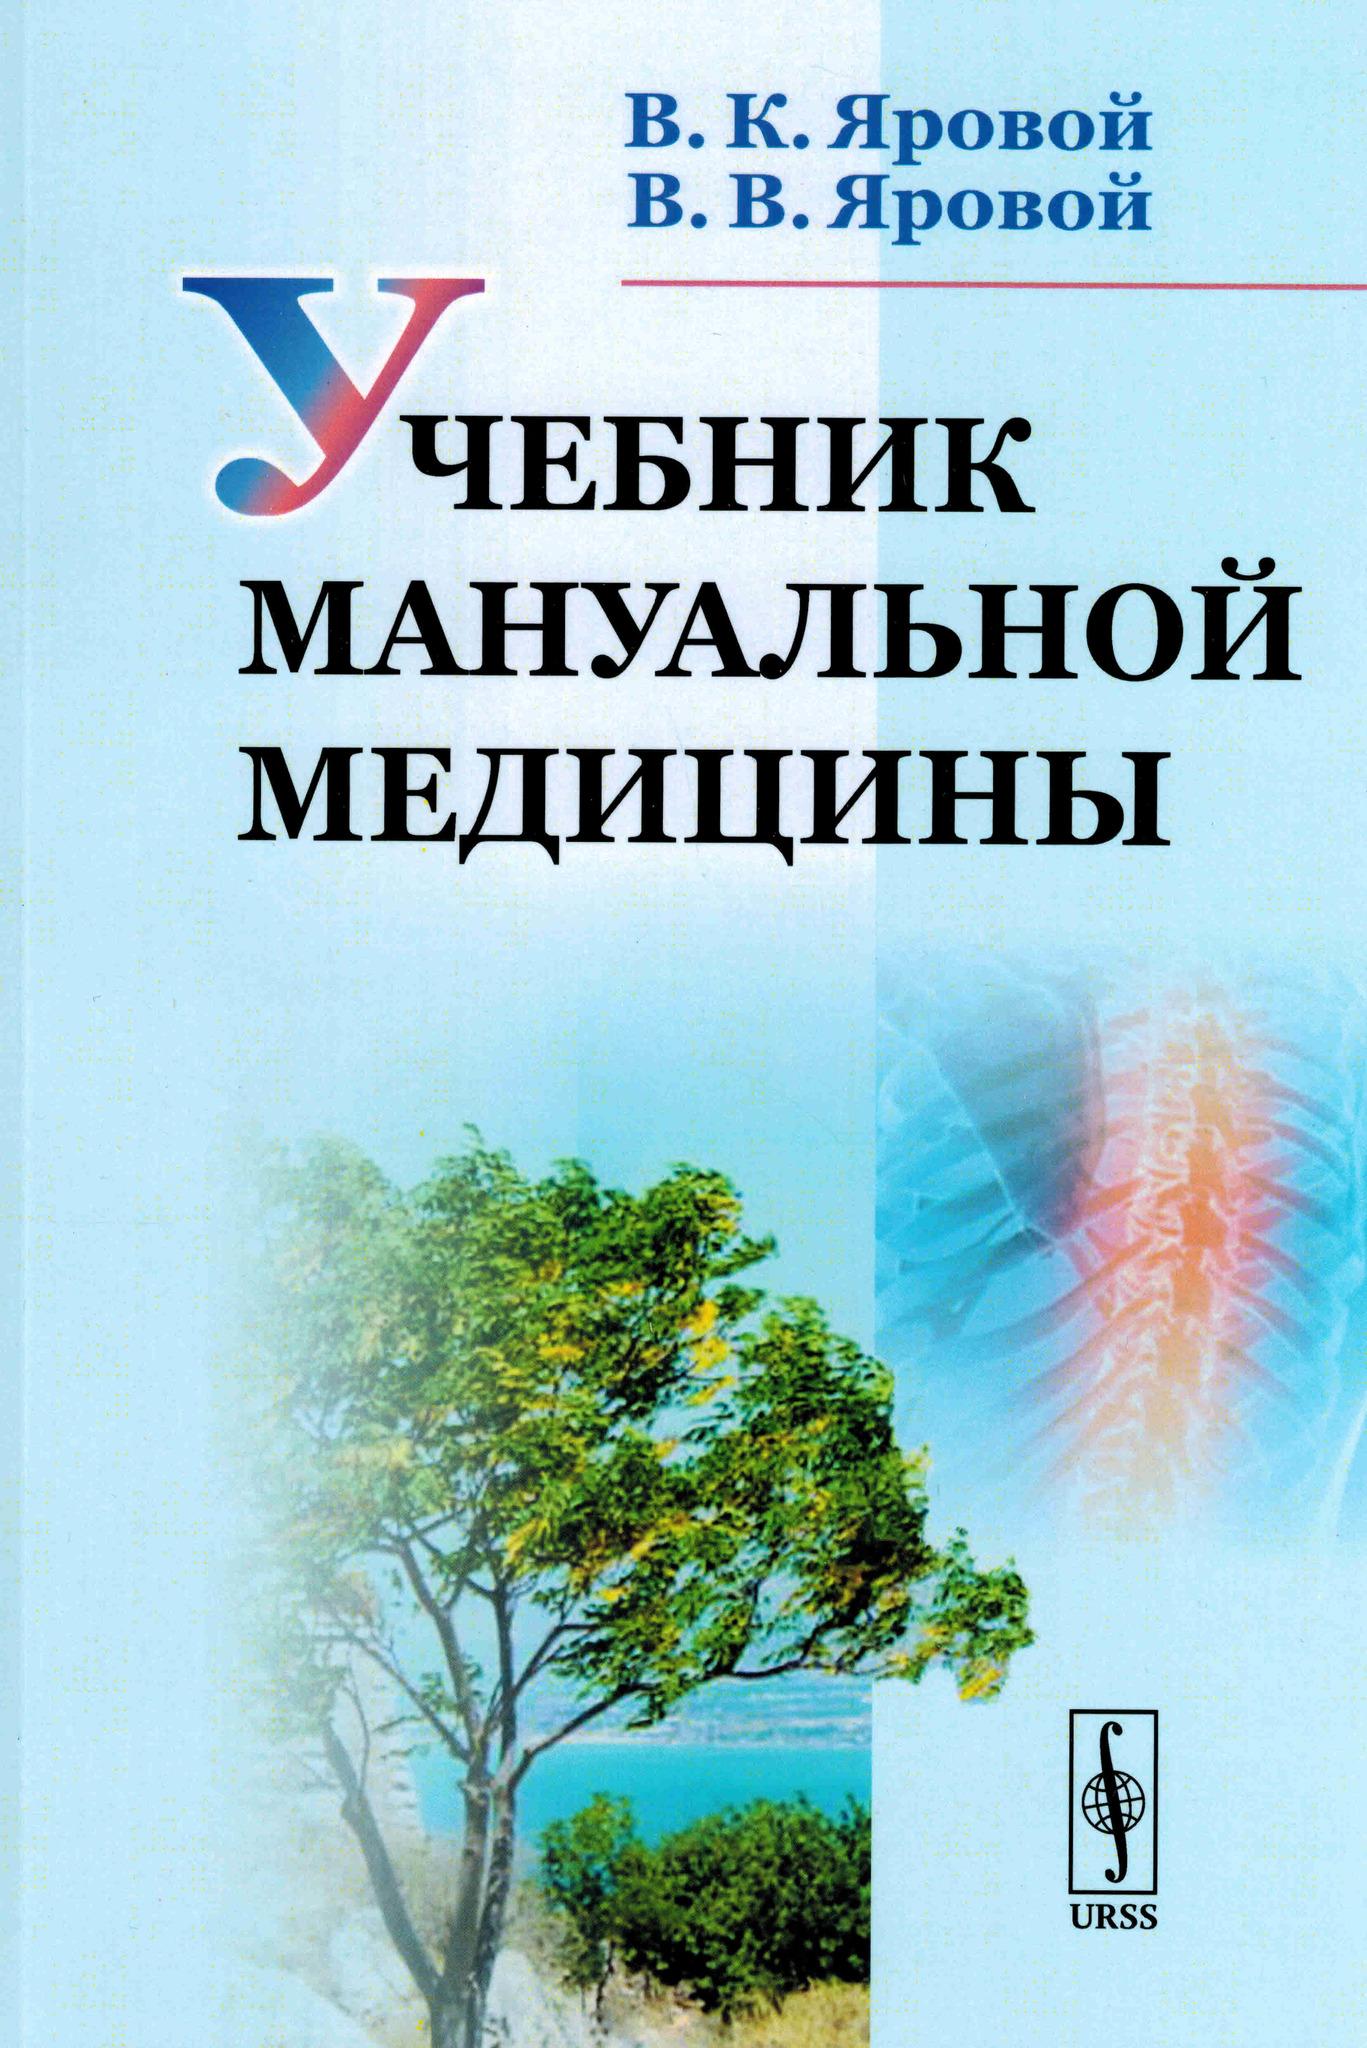 Новинки Учебник мануальной медицины uch_man_medic.jpg